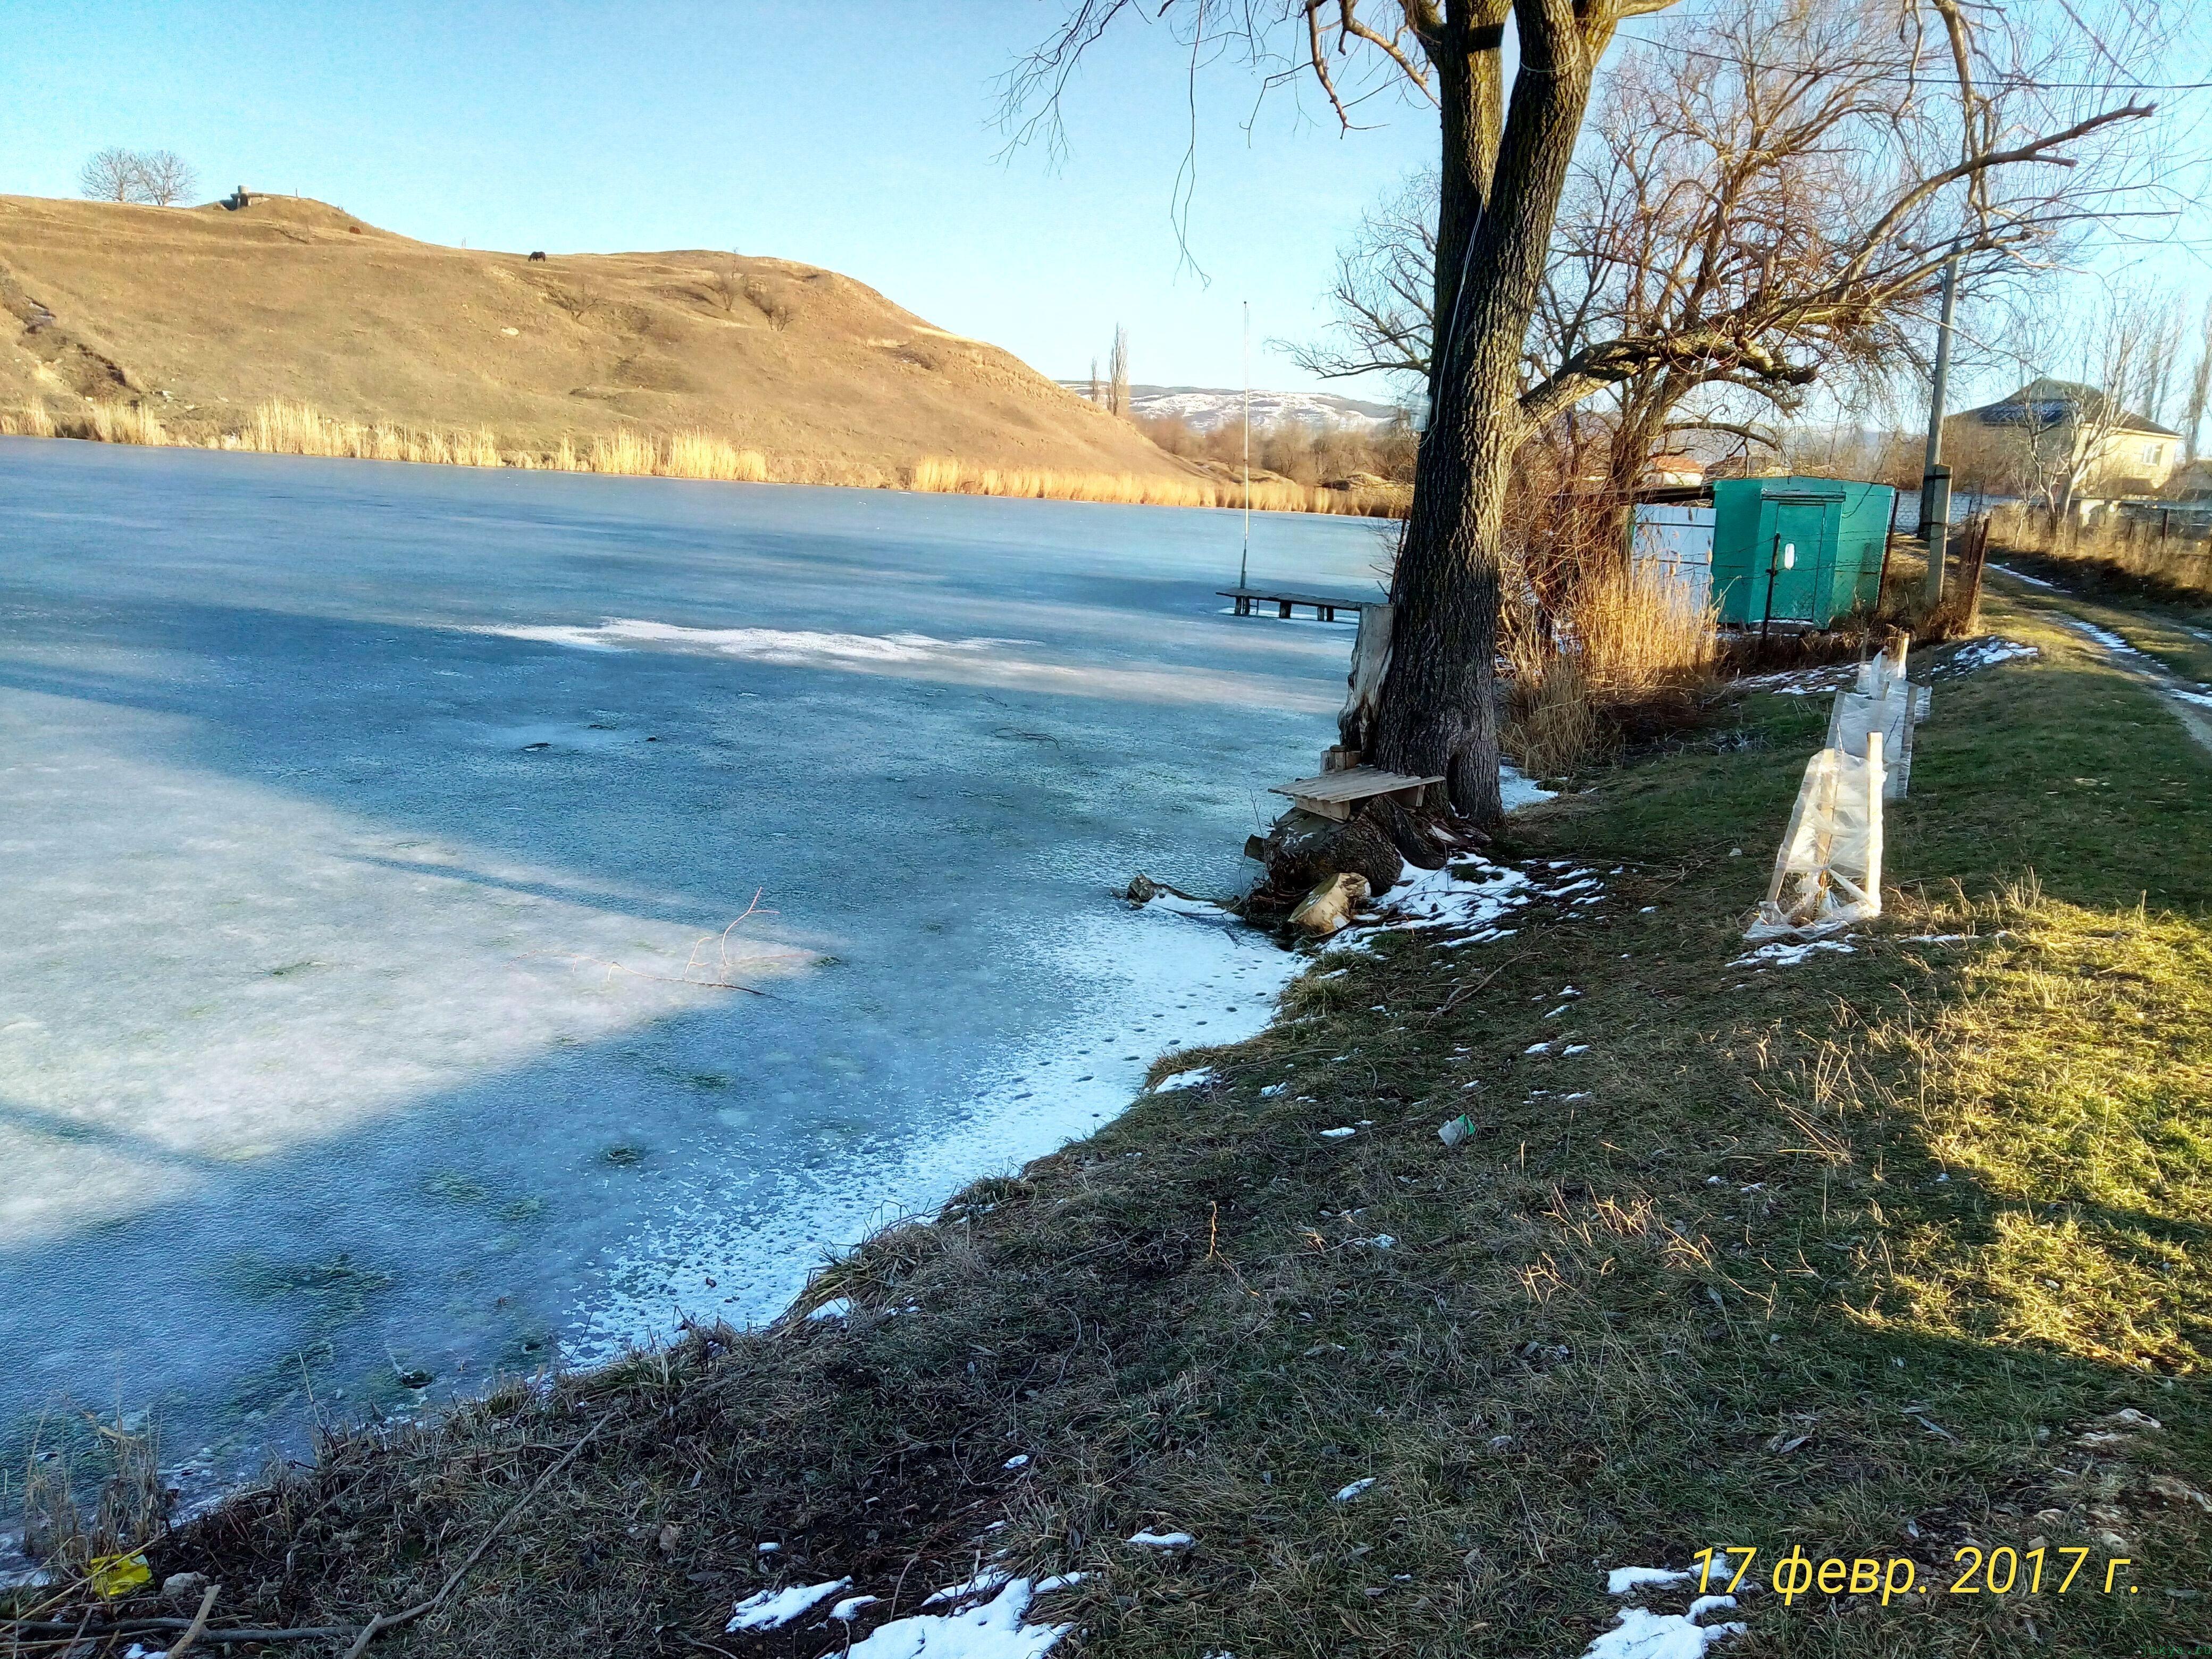 Где есть лед на водоемах: Белогорского района фото заметка о моей реальности в Крыму jokya.ru